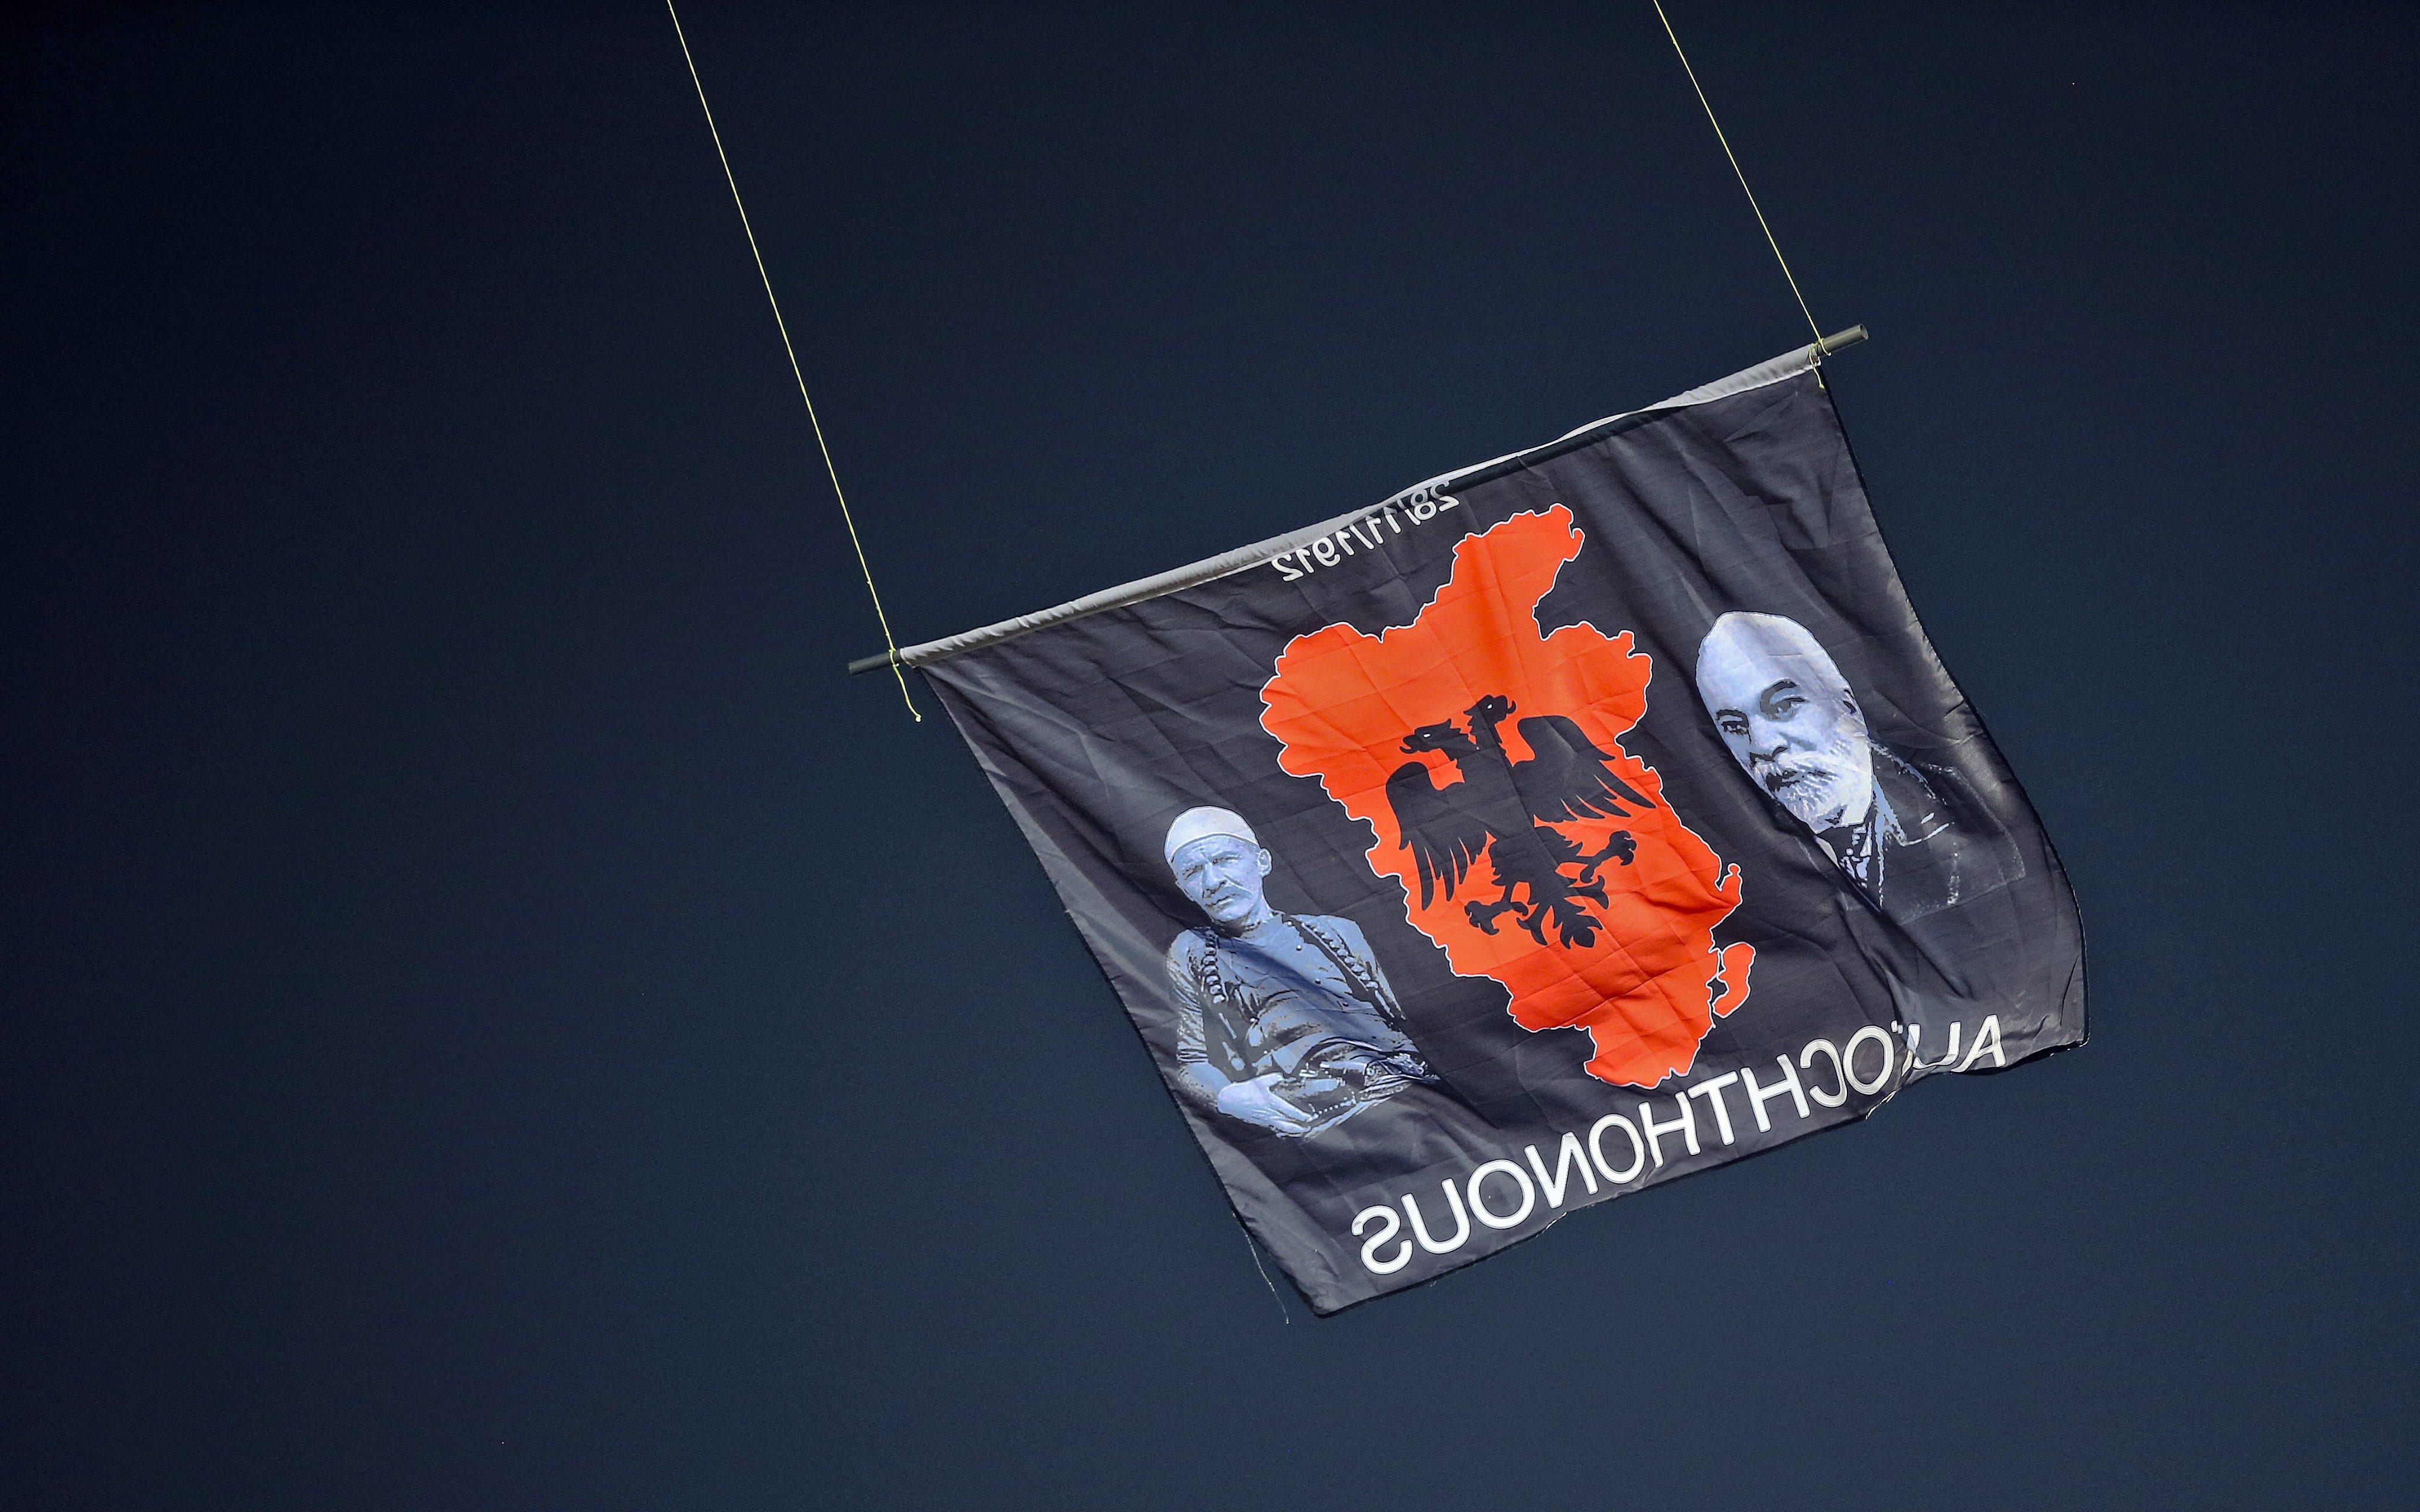 Флаг Великой Албании, спровоцировавший потасовку в матче Сербии и Албании